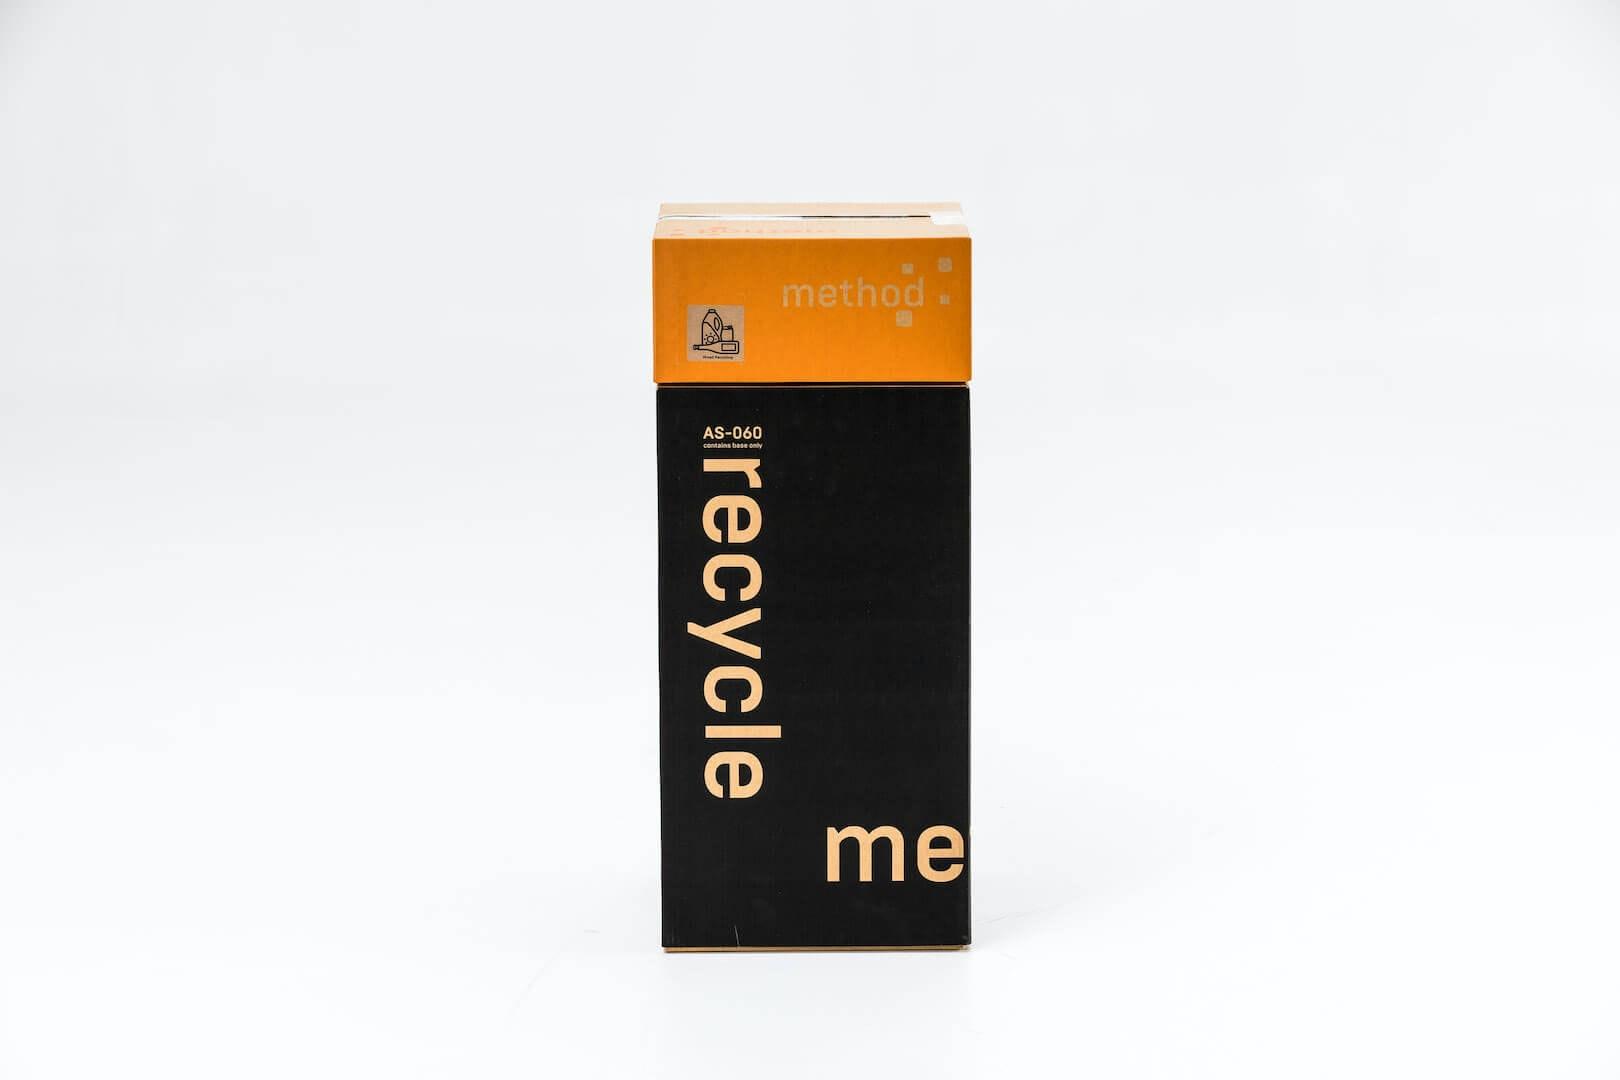 Packaging 2